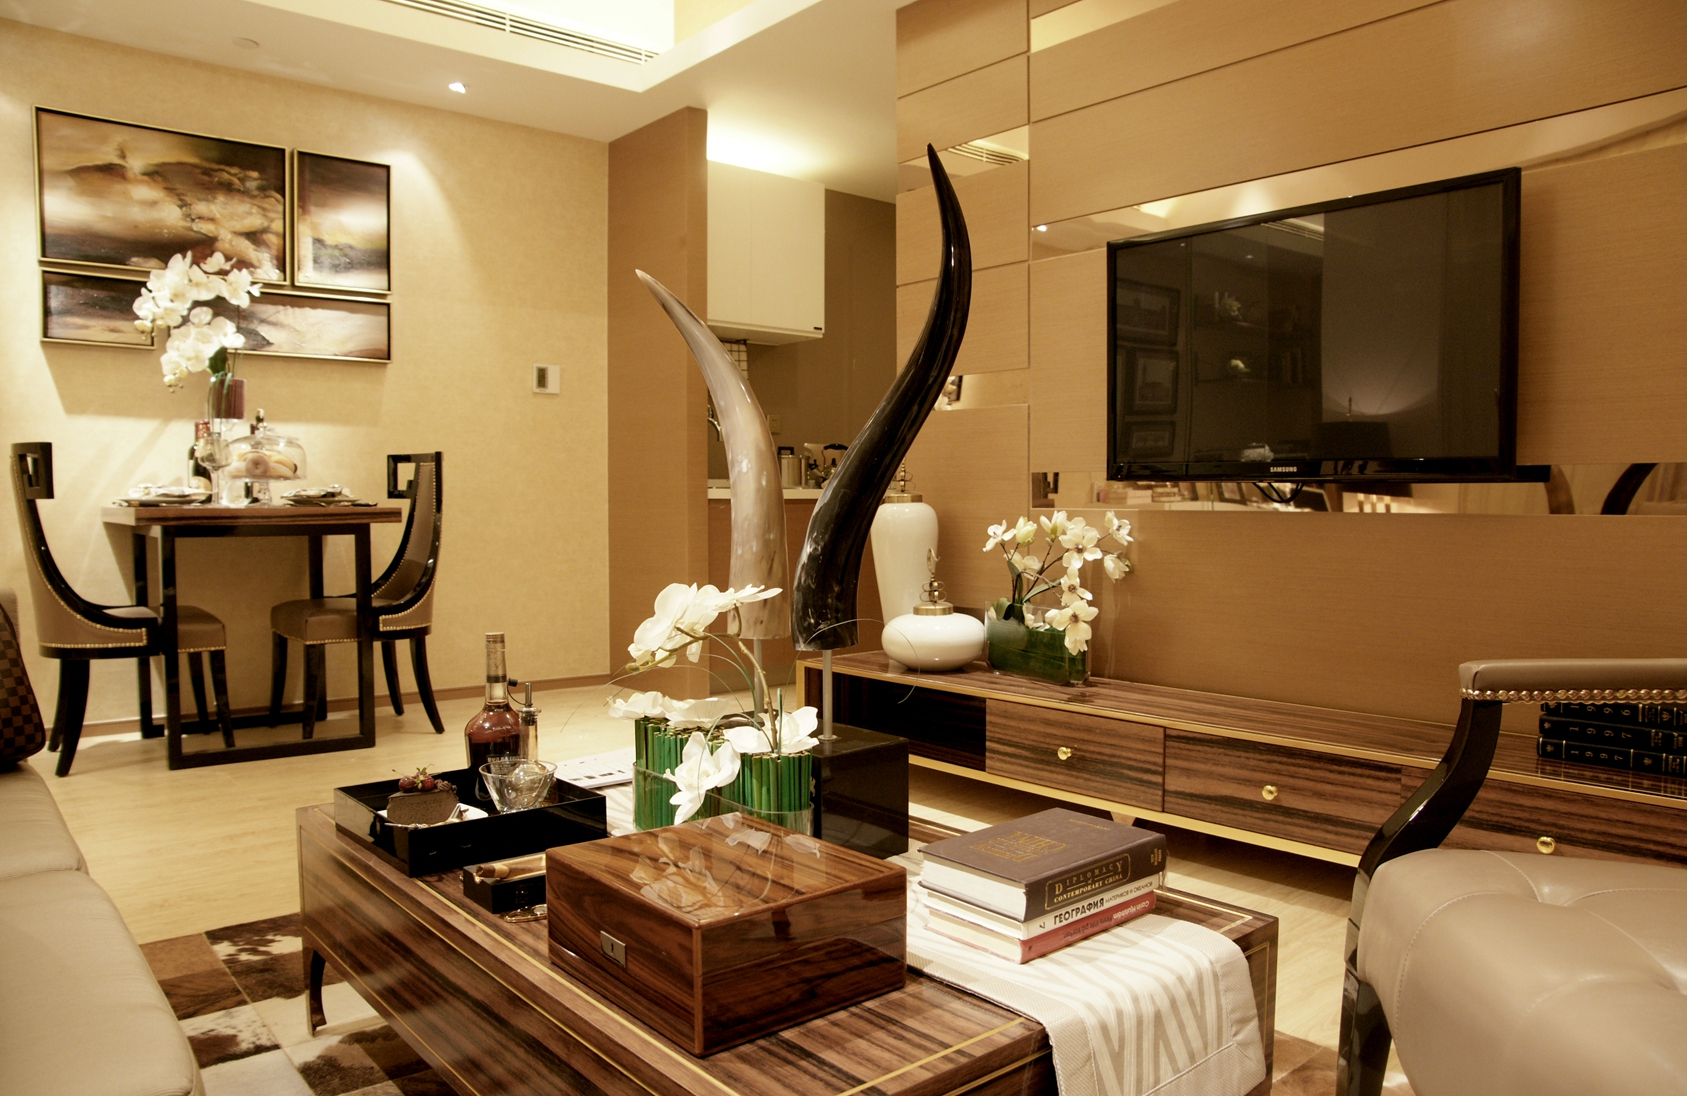 现代简约风格别墅装修效果图——上海尚层别墅装饰推荐